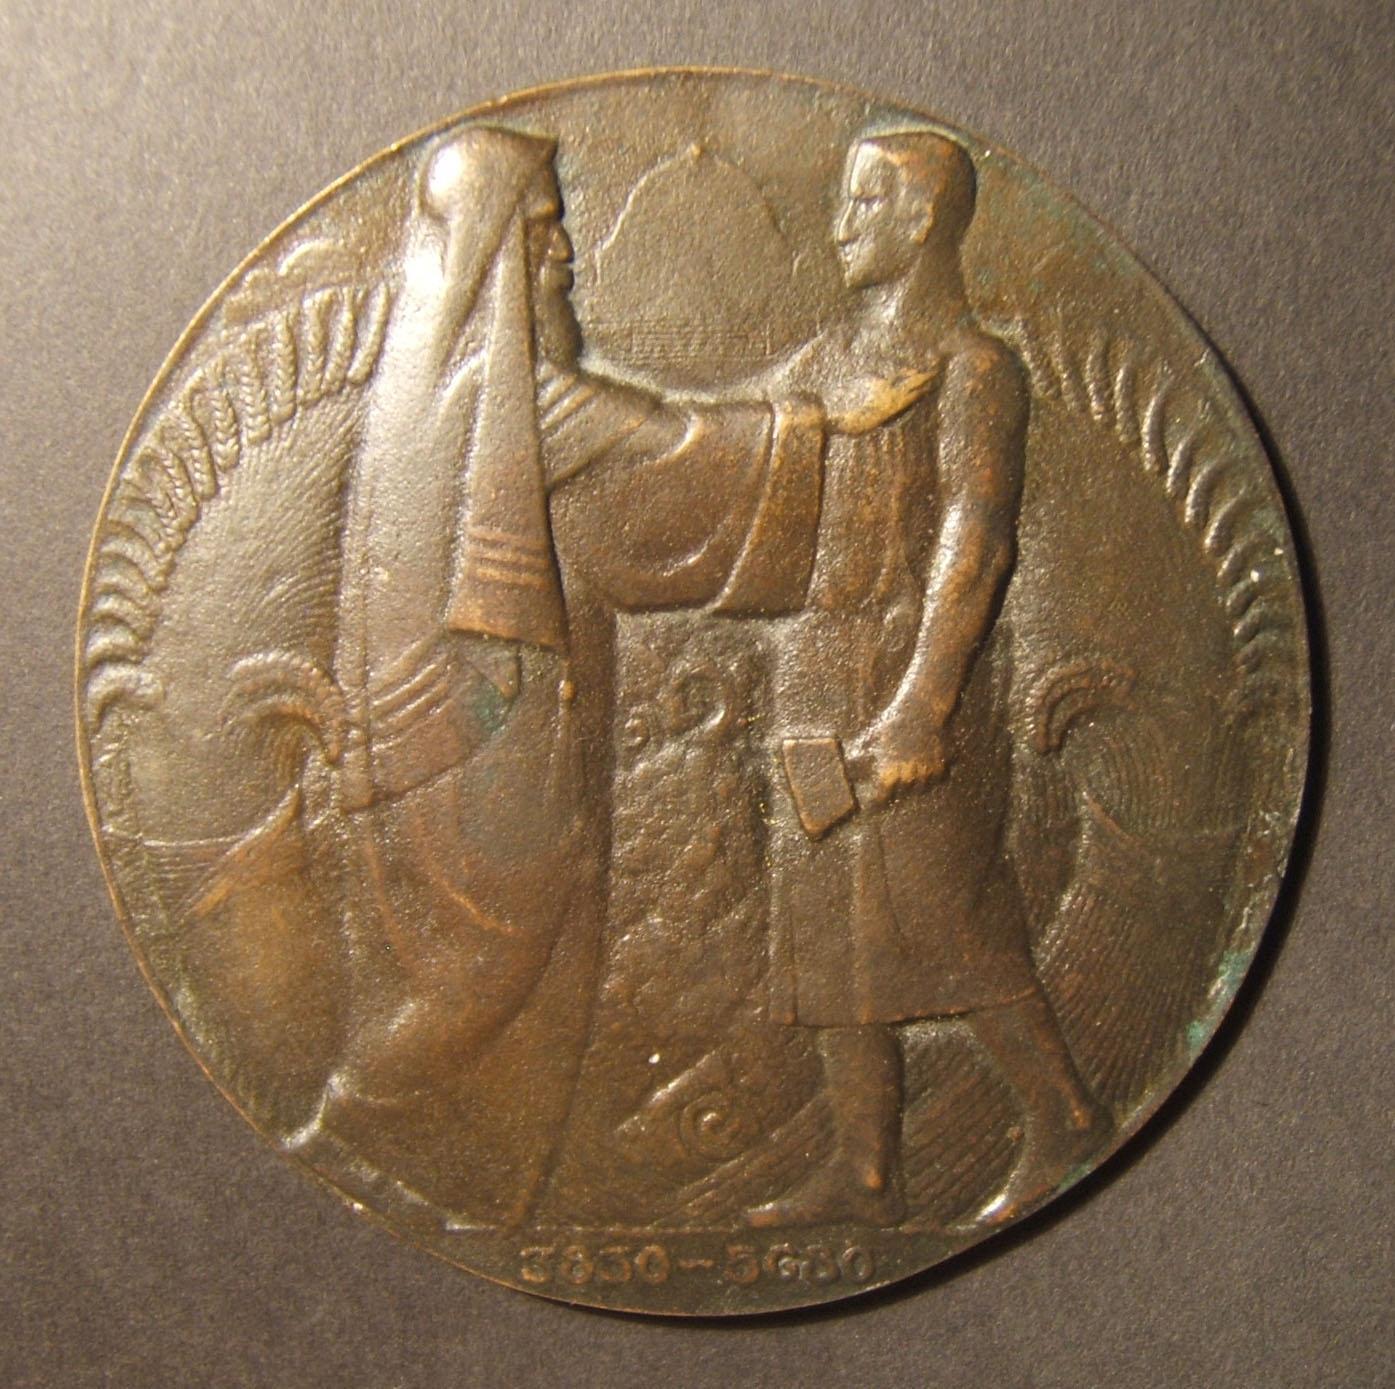 هولندا سان ريمو مؤتمر ميدالية برونزية صهيونية كبيرة ، 1920 بقلم فان دير هوف